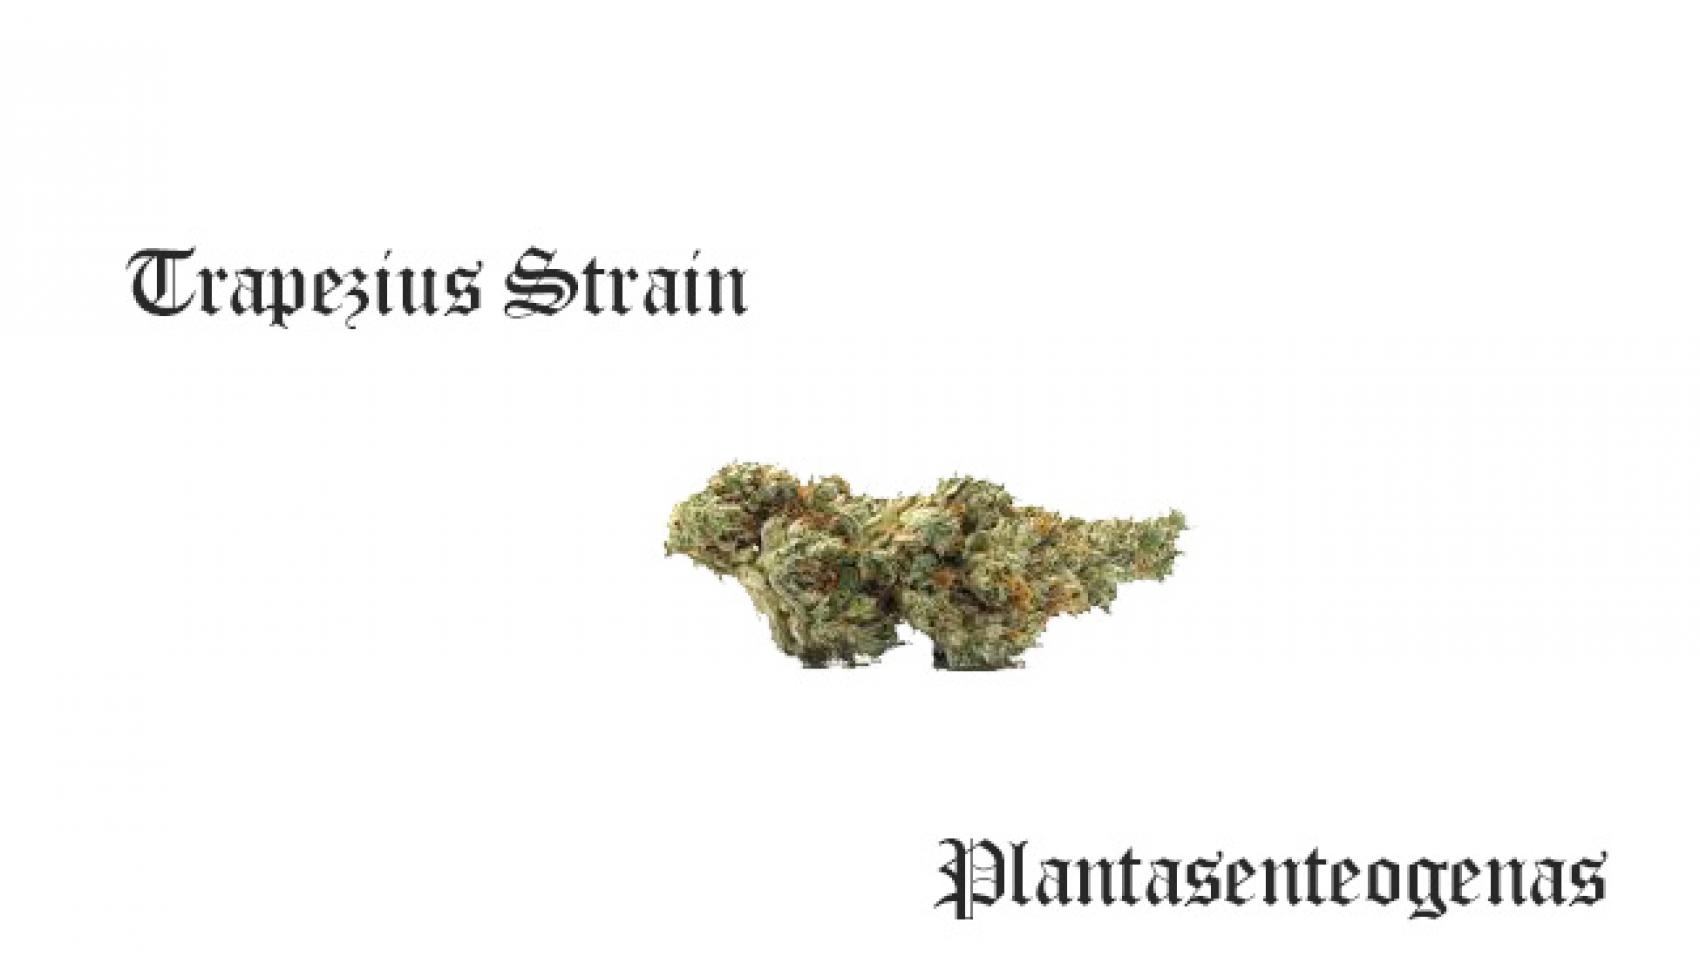 trapezius strain